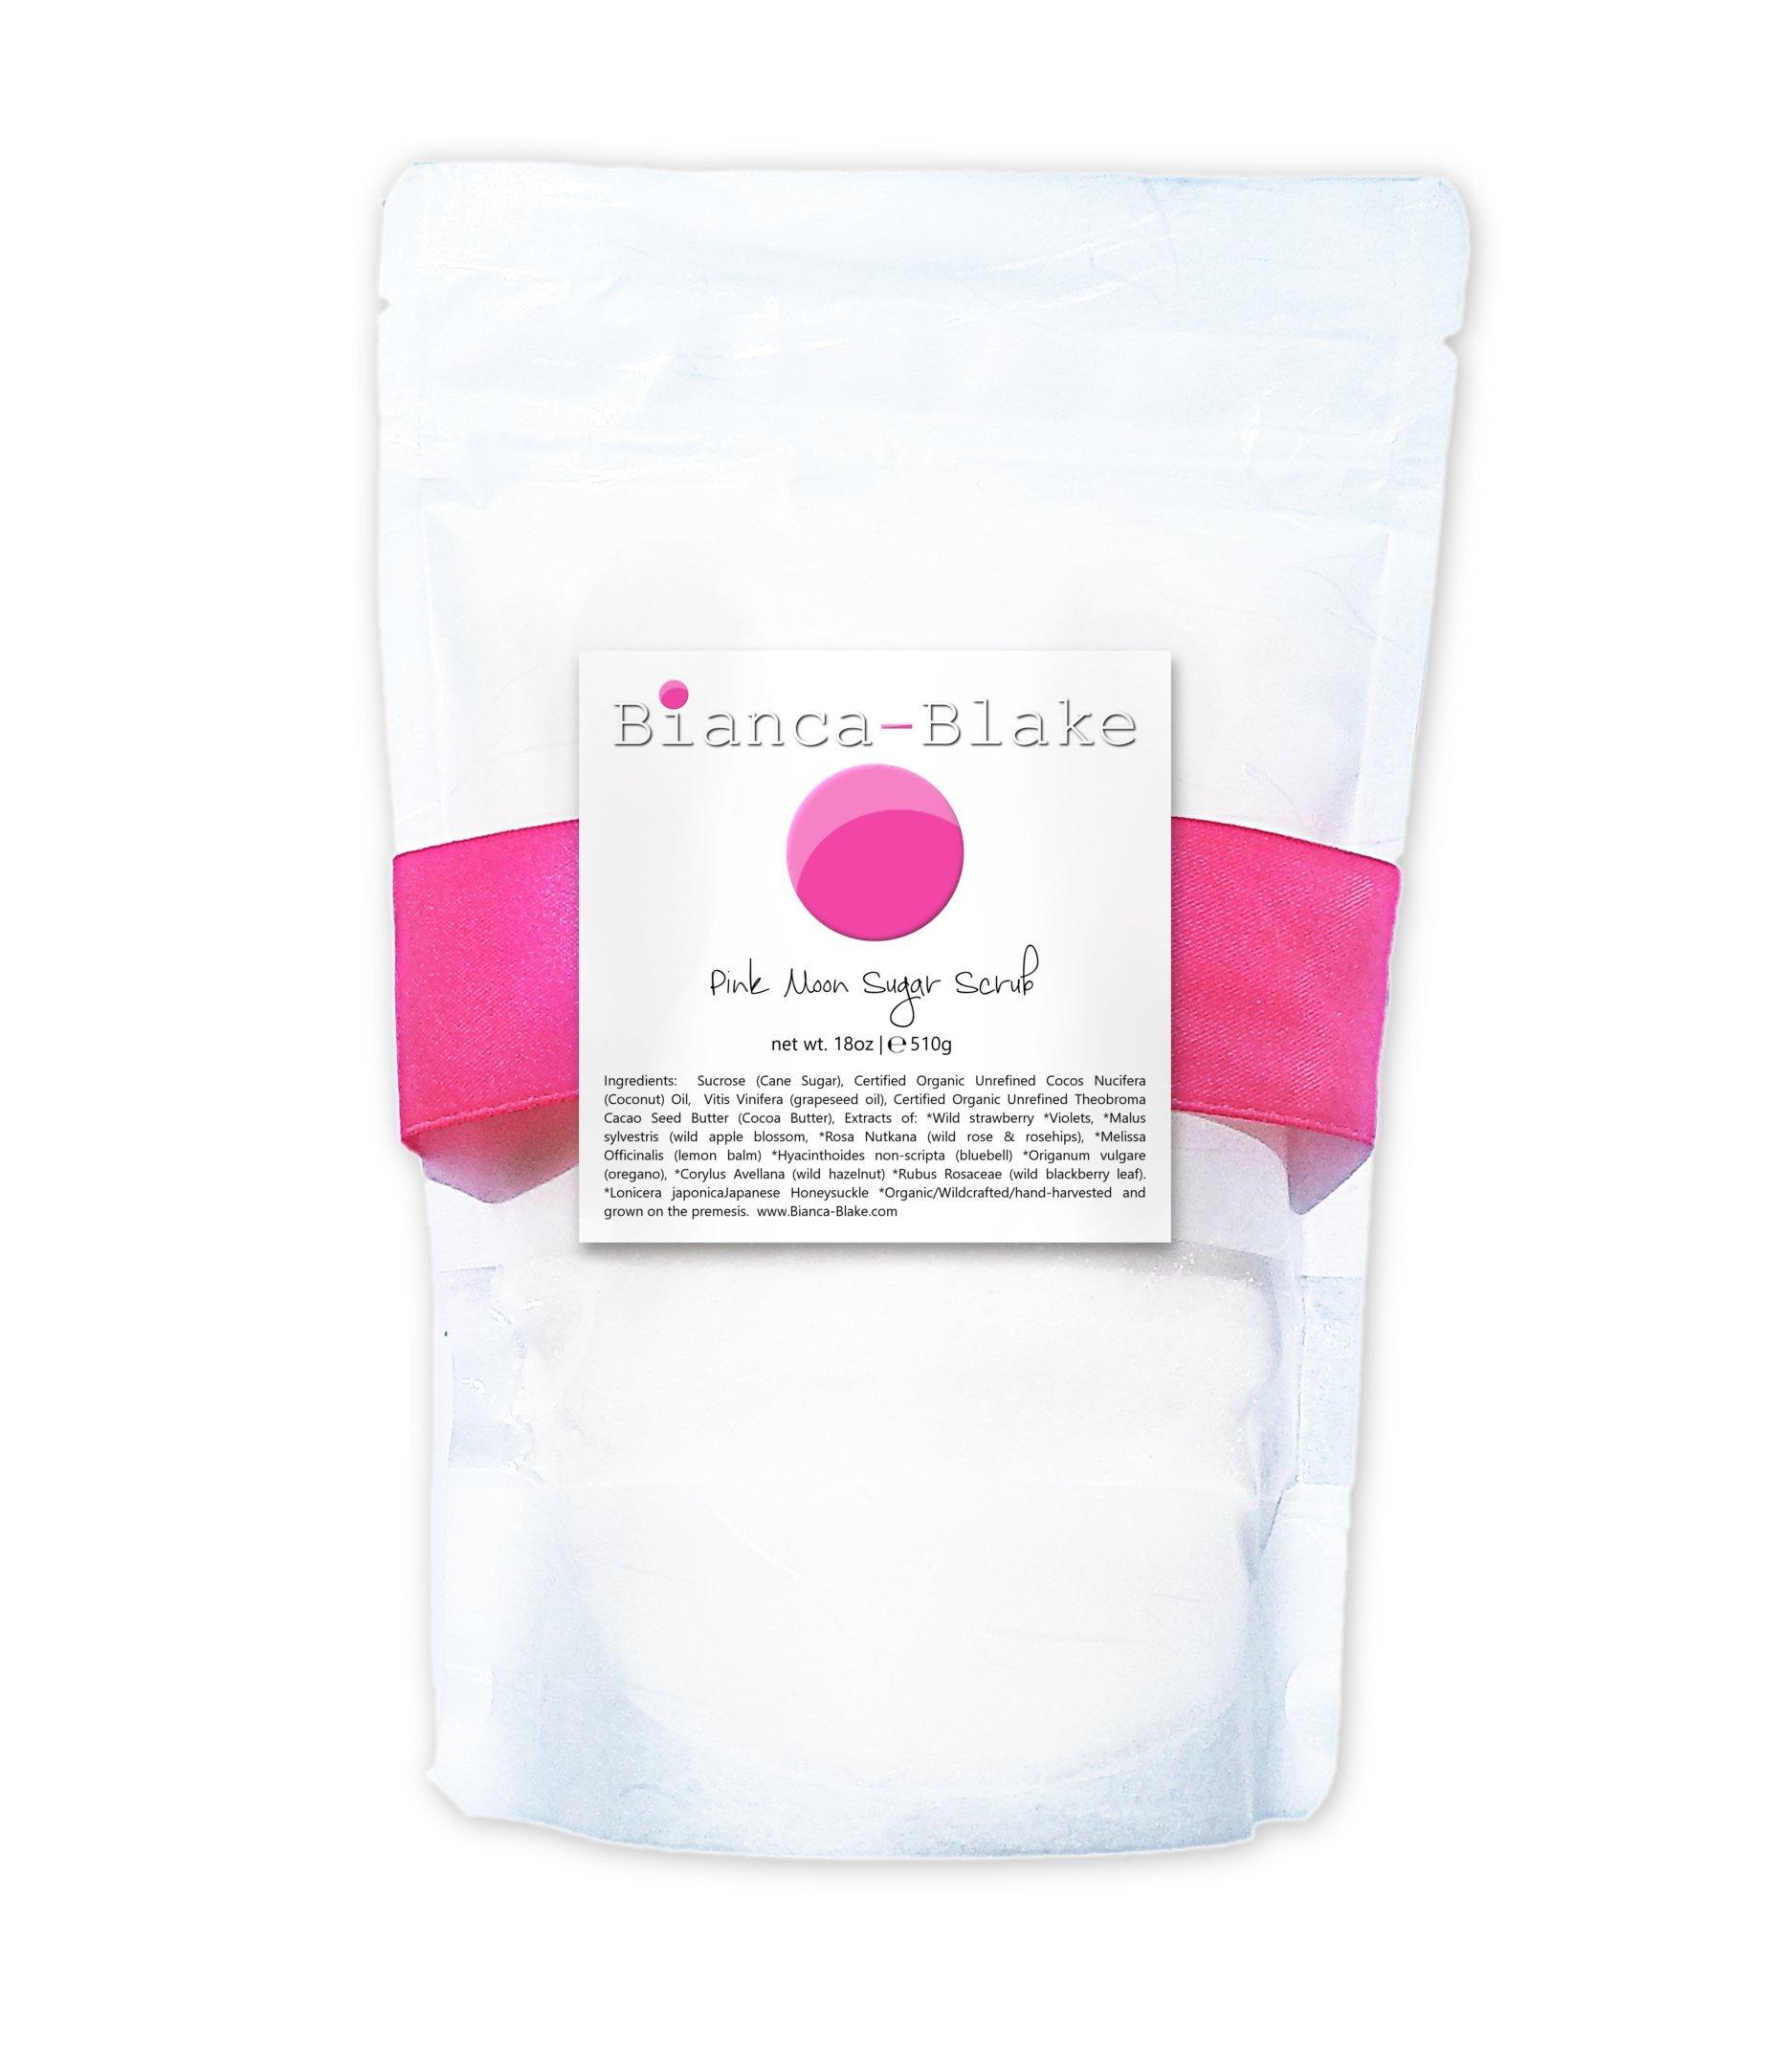 Pink Moon Botanical Sugar Scrub anti-aging, skin softening by Bianca-Blake